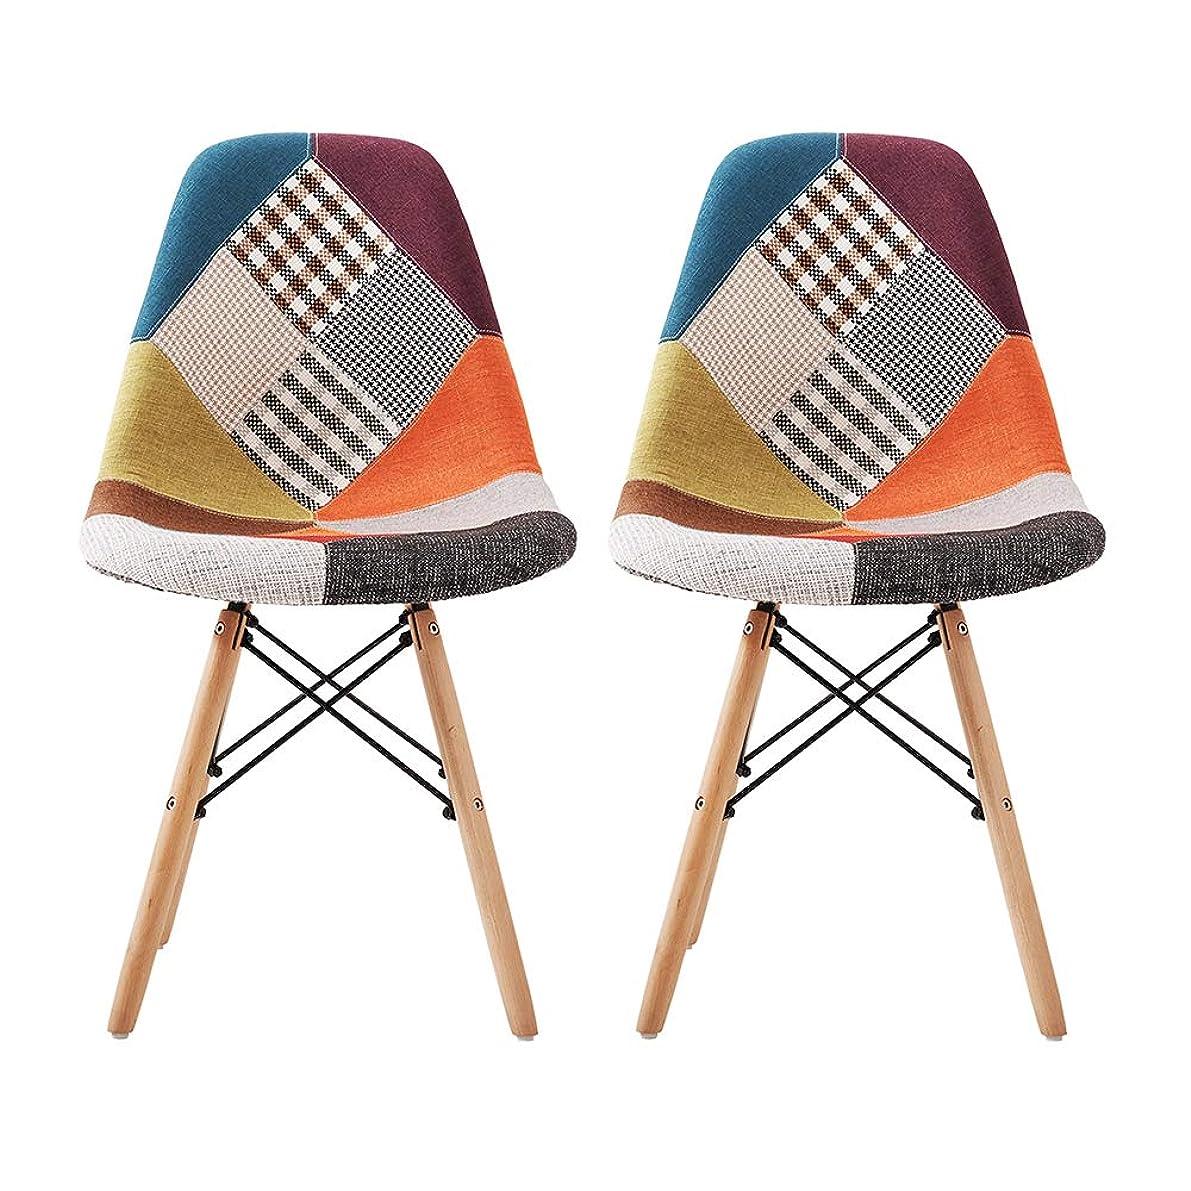 手サイドボードスズメバチ【2脚セット】椅子 イームズチェア デザイナーズ リプロダクトダイニングチェア 椅子 木脚ベース 布地ファブリックタイプ レイ イームズチェア 北欧 木製いす 食卓椅子 おしゃれ 組立簡単 (ブルー)